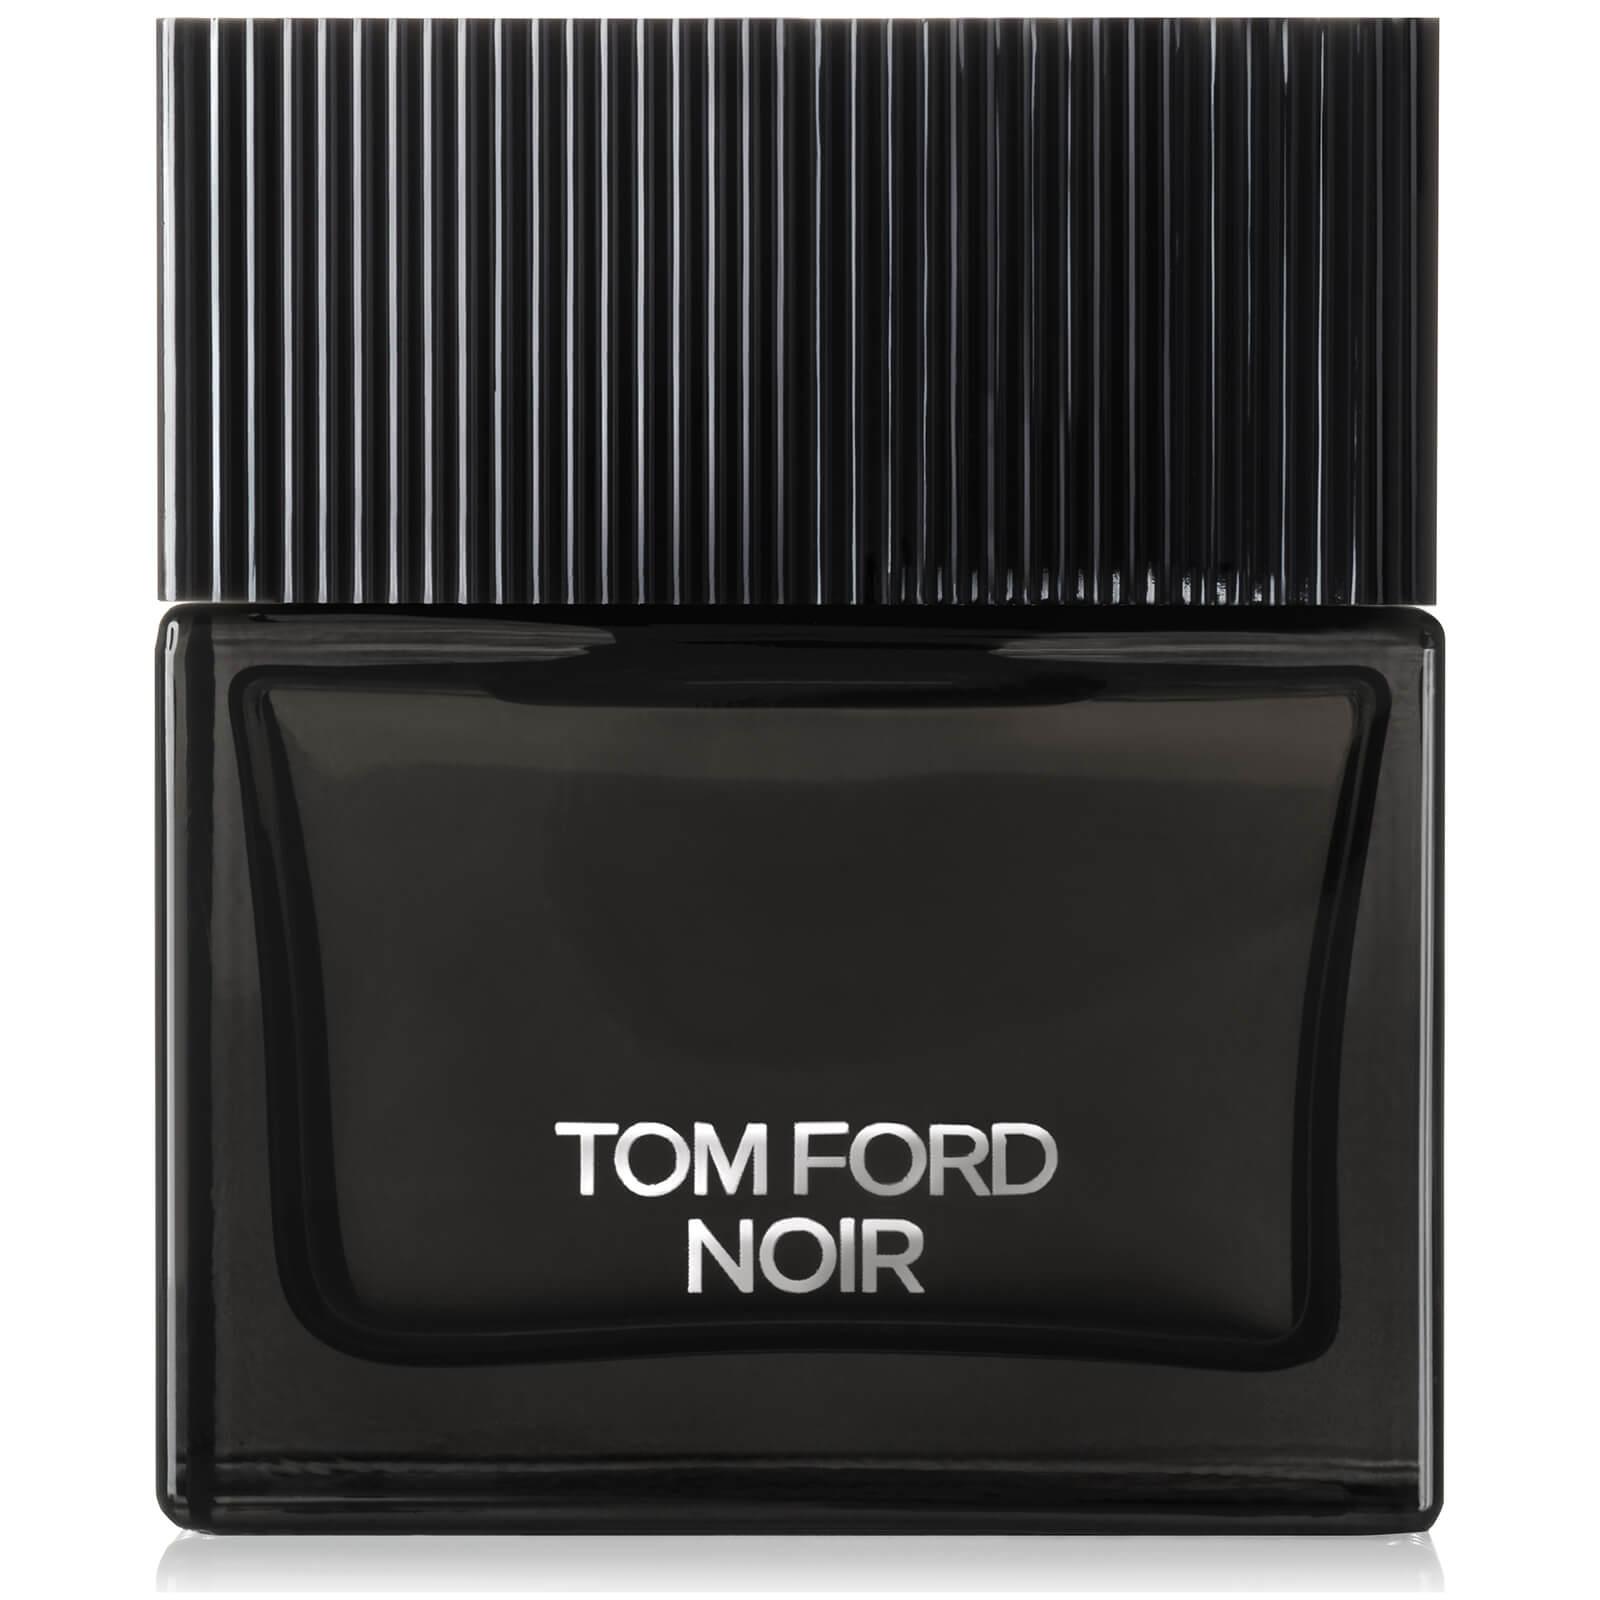 Tom Ford Noir Eau de Parfum (Various Sizes) - 50ML